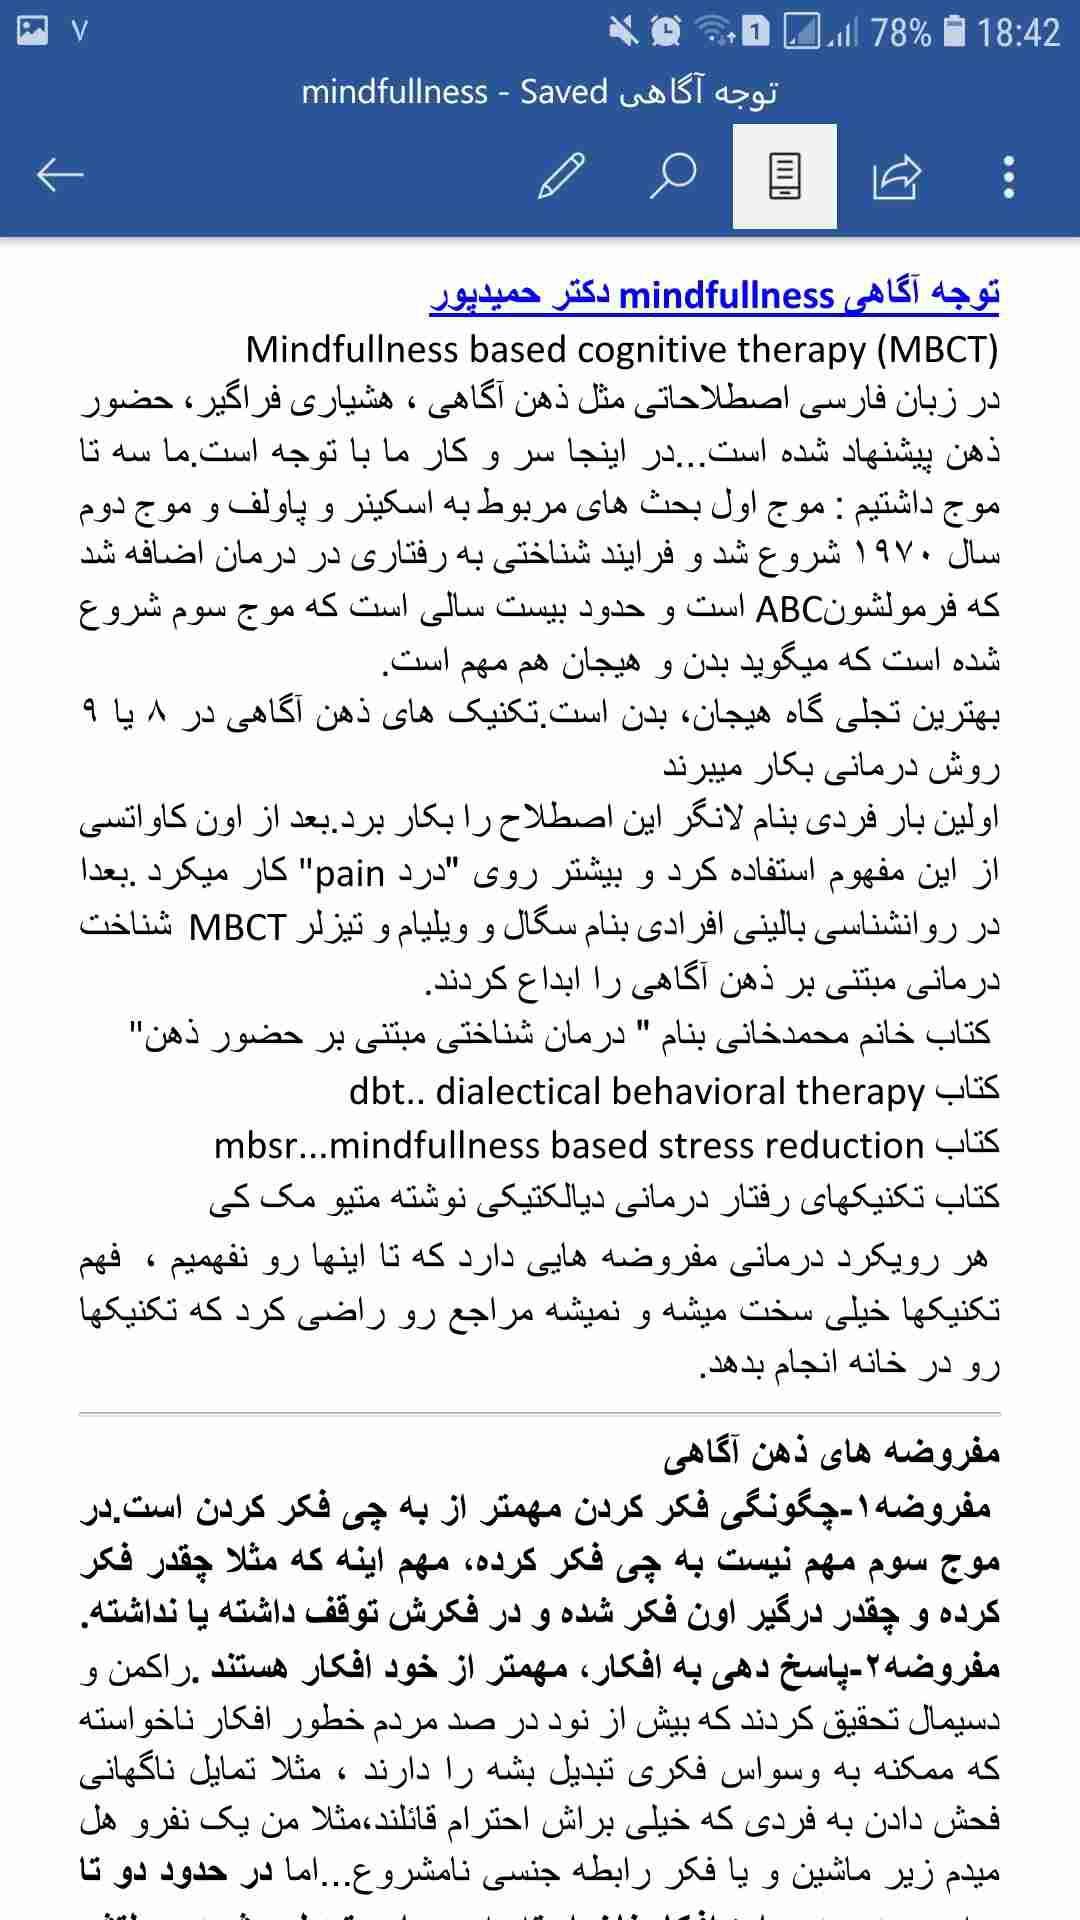 جزوه توجه آگاهی کارگاه دکتر حسن حمیدپورmindfullnes